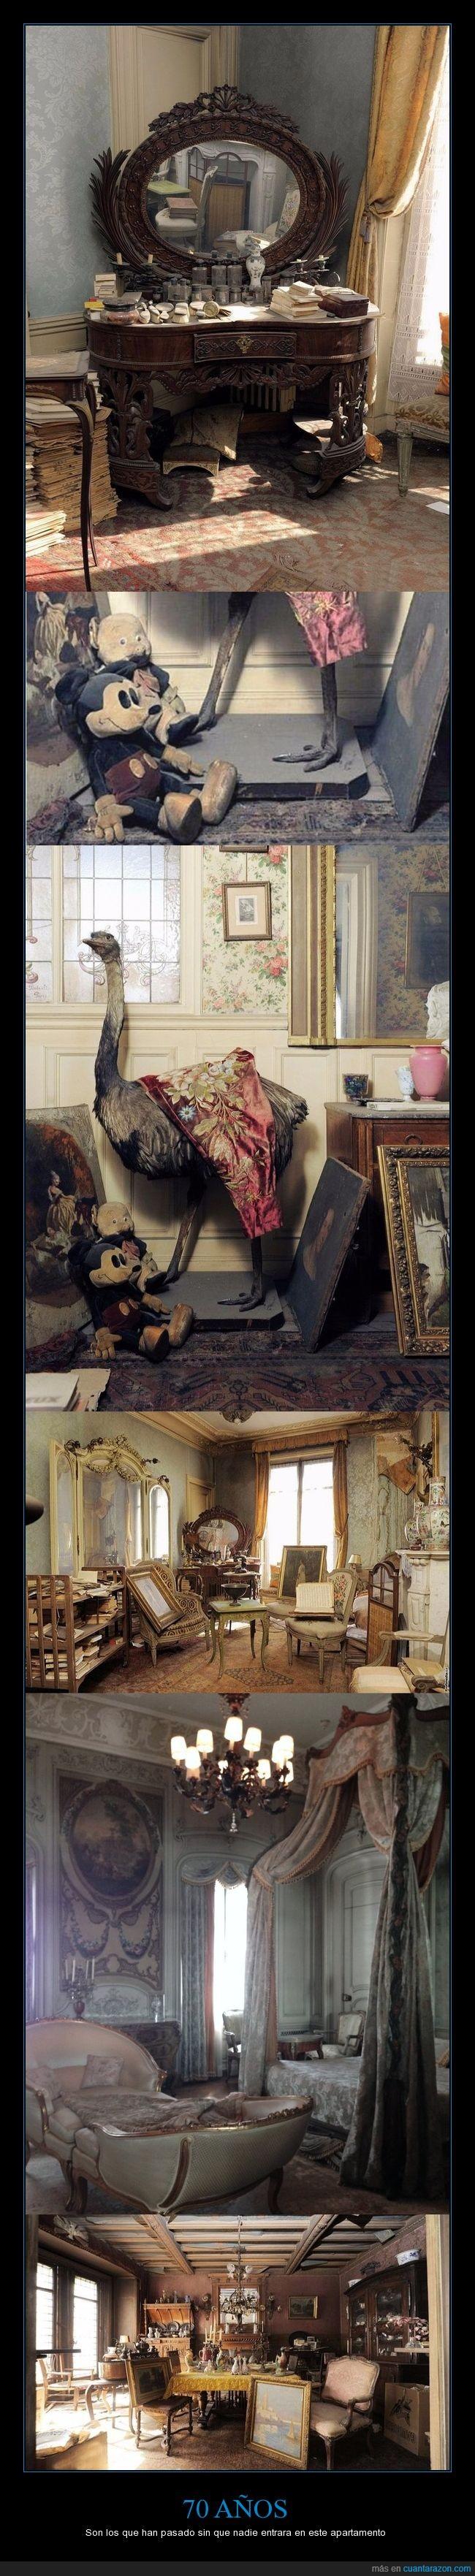 70 años,apartamento,casa,conservación,francia